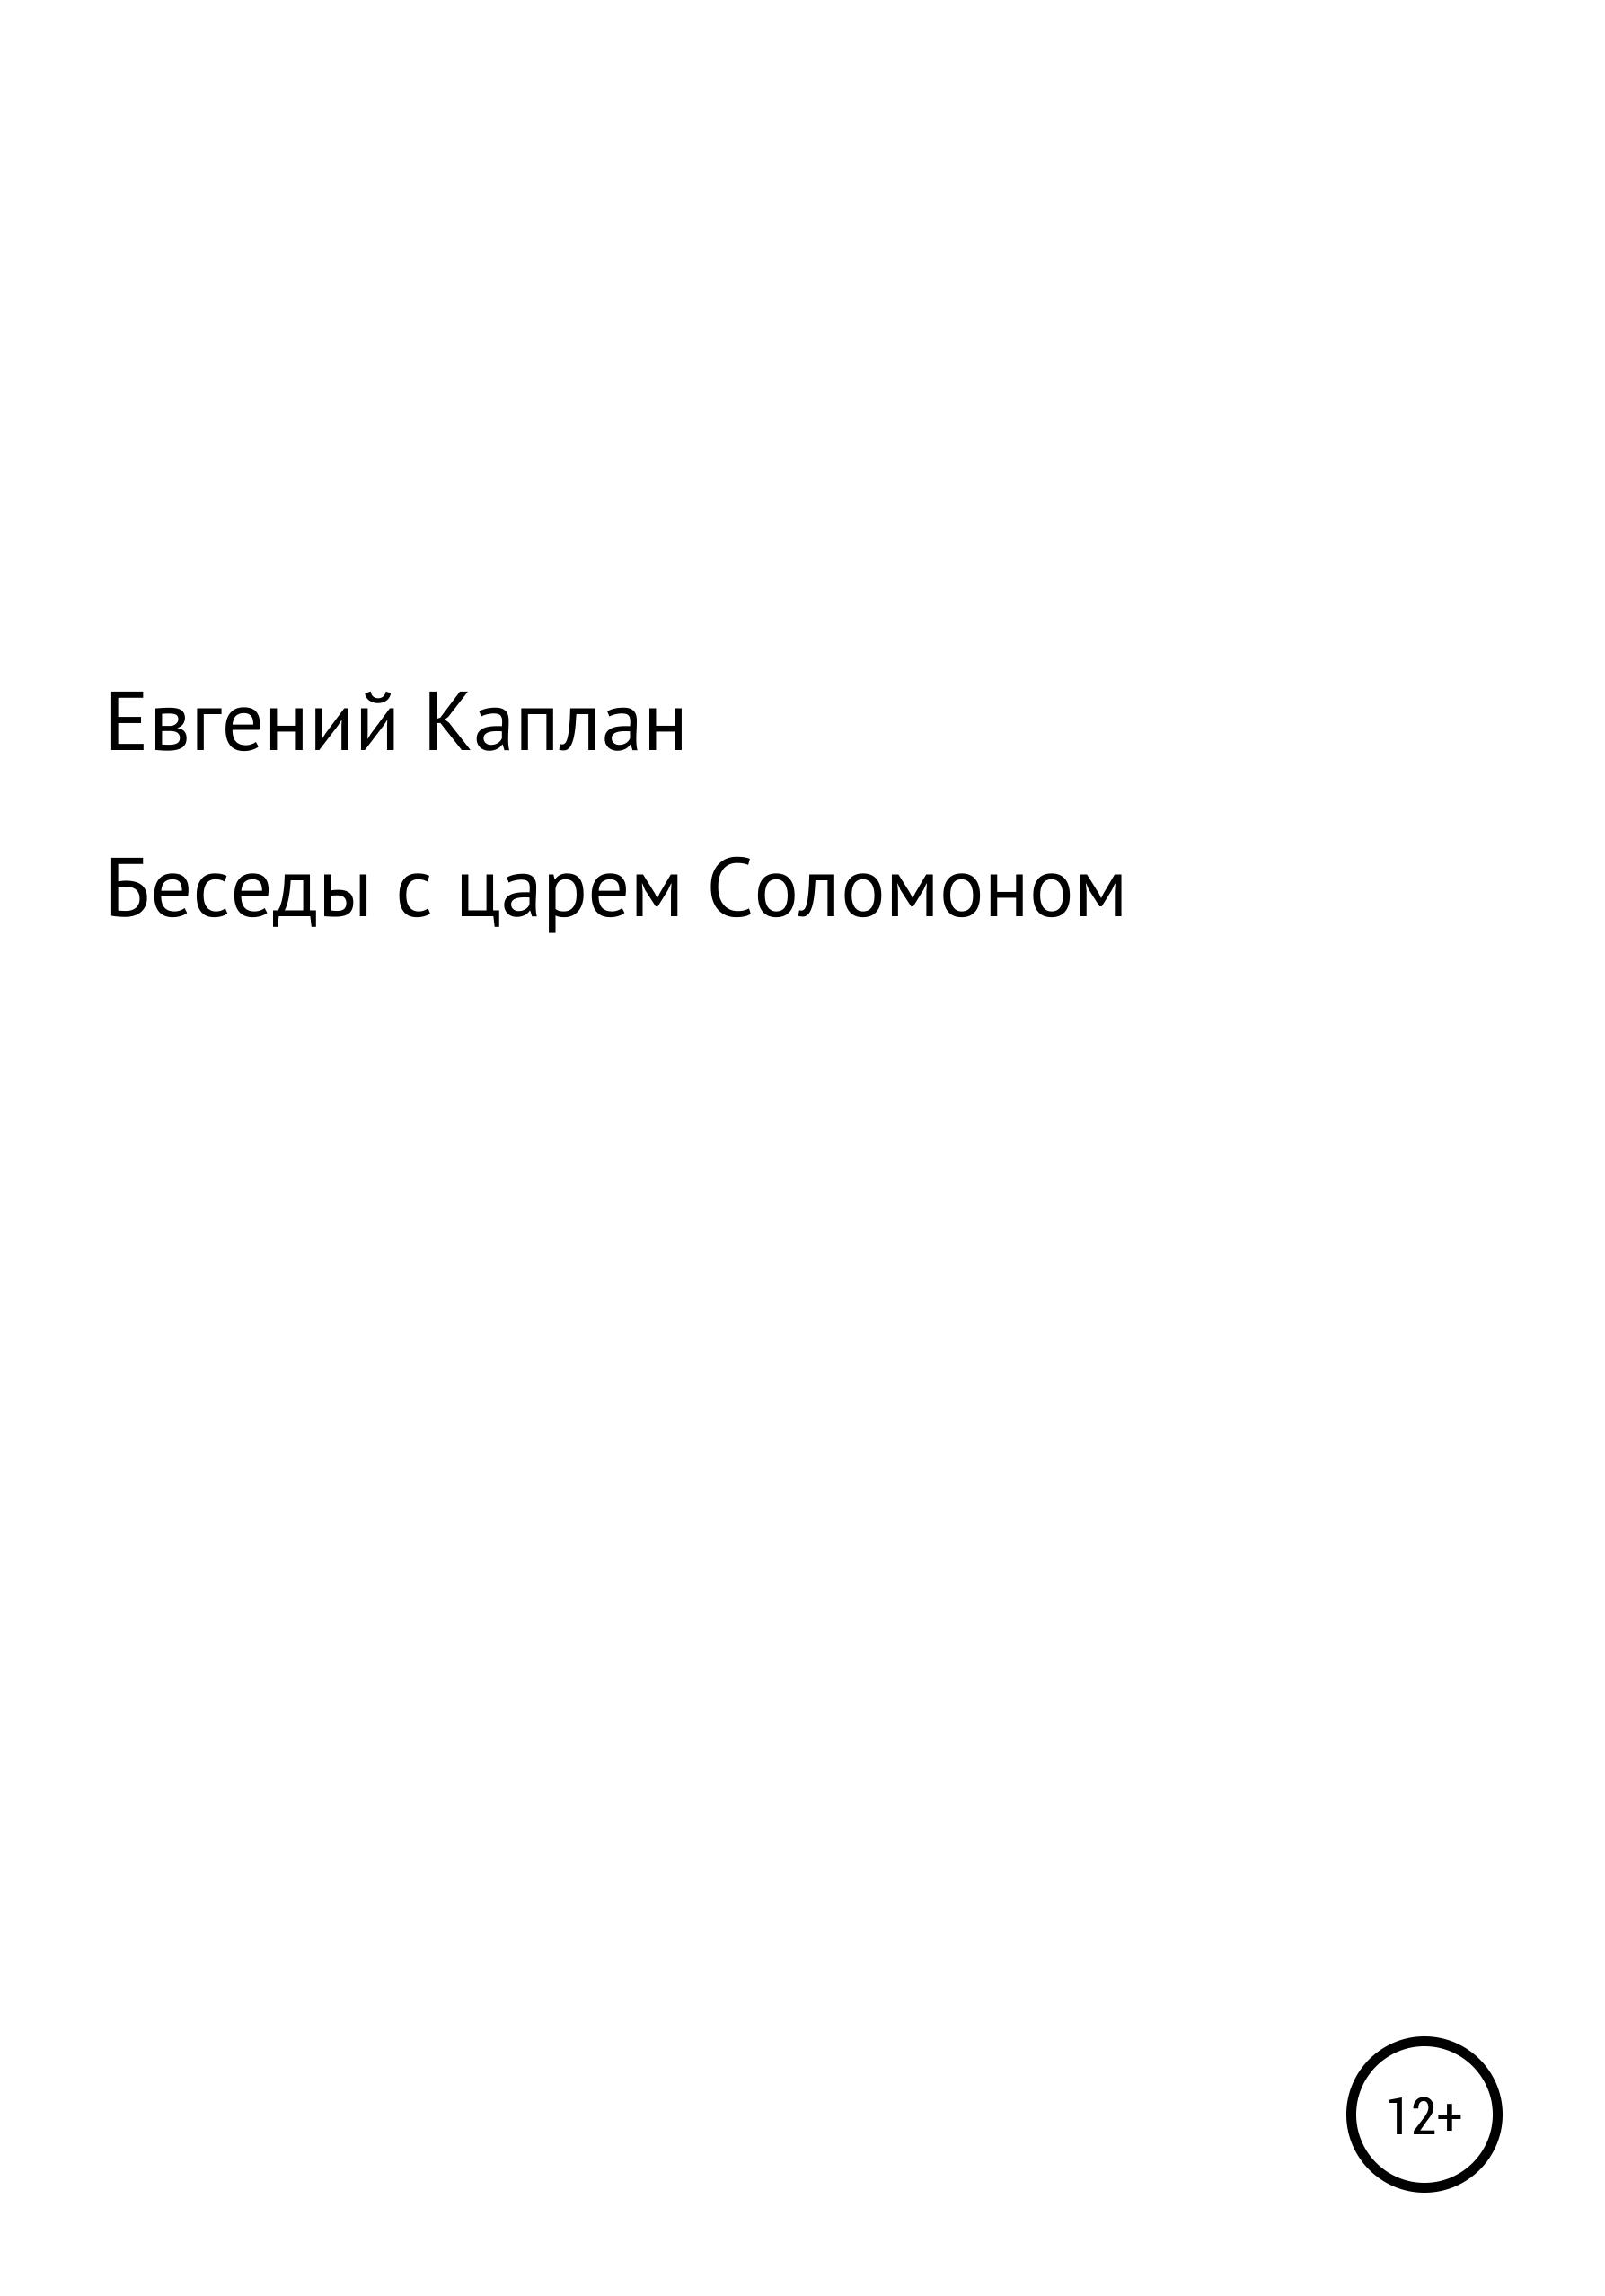 Беседы с царем Соломоном ( Евгений Львович Каплан (Капланий)  )